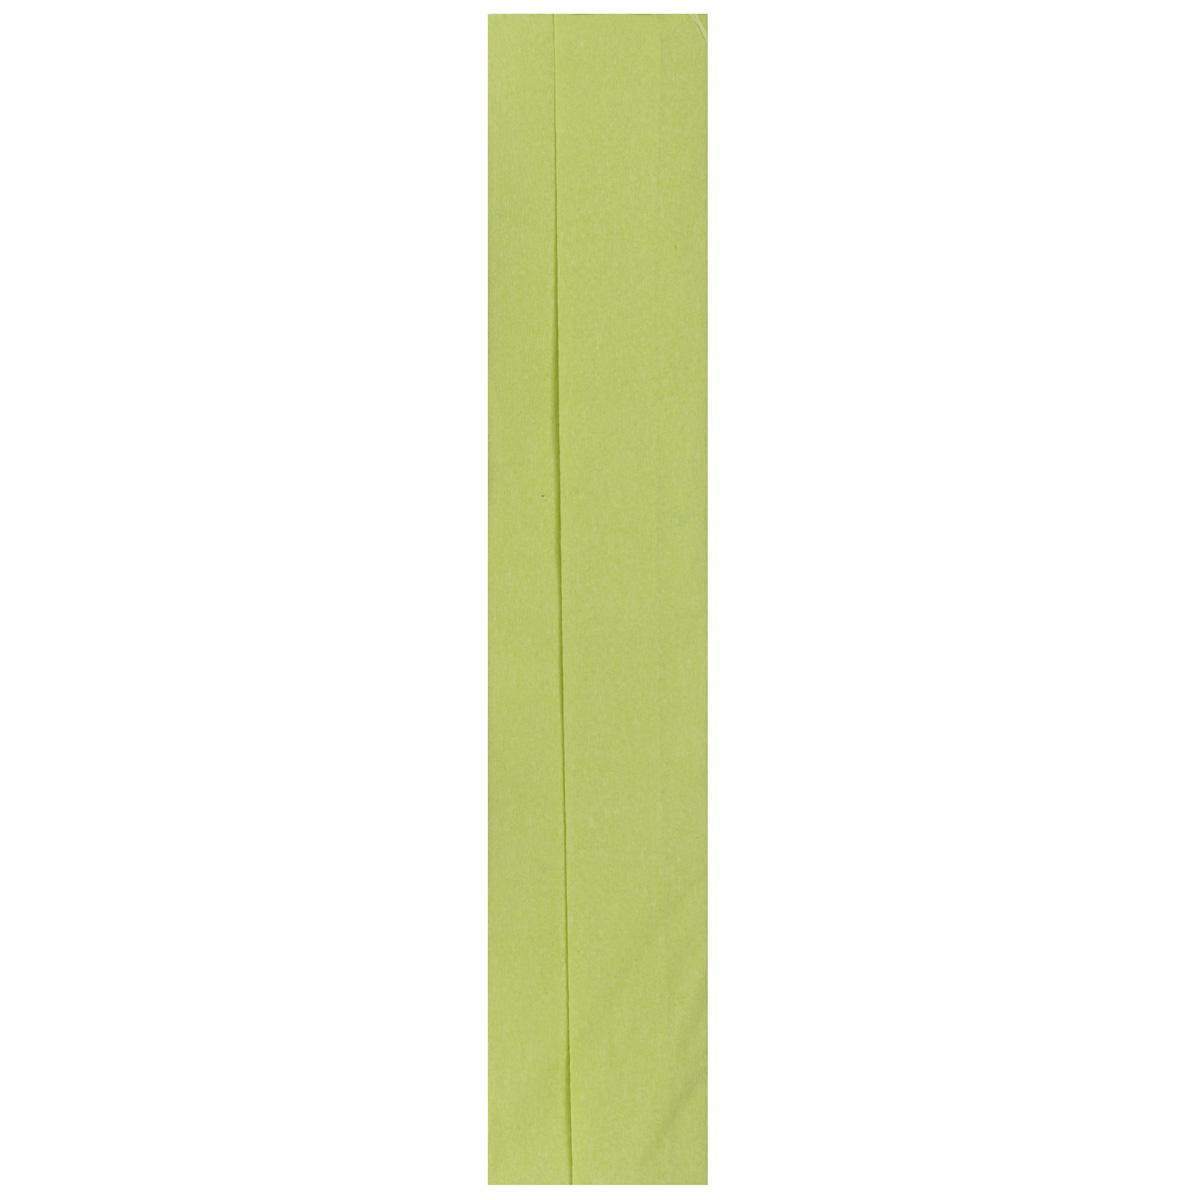 Бумага креповая Folia, цвет: светло-зеленый (45), 50 см x 2,5 м7704392_45Бумага креповая Folia - прекрасный материал для декорирования, украшения интерьера, изготовления искусственных цветов, эффектной упаковки и различных поделок. Бумага прекрасно держит форму, отлично крепится и замечательно подходит для изготовления праздничной упаковки для цветов.